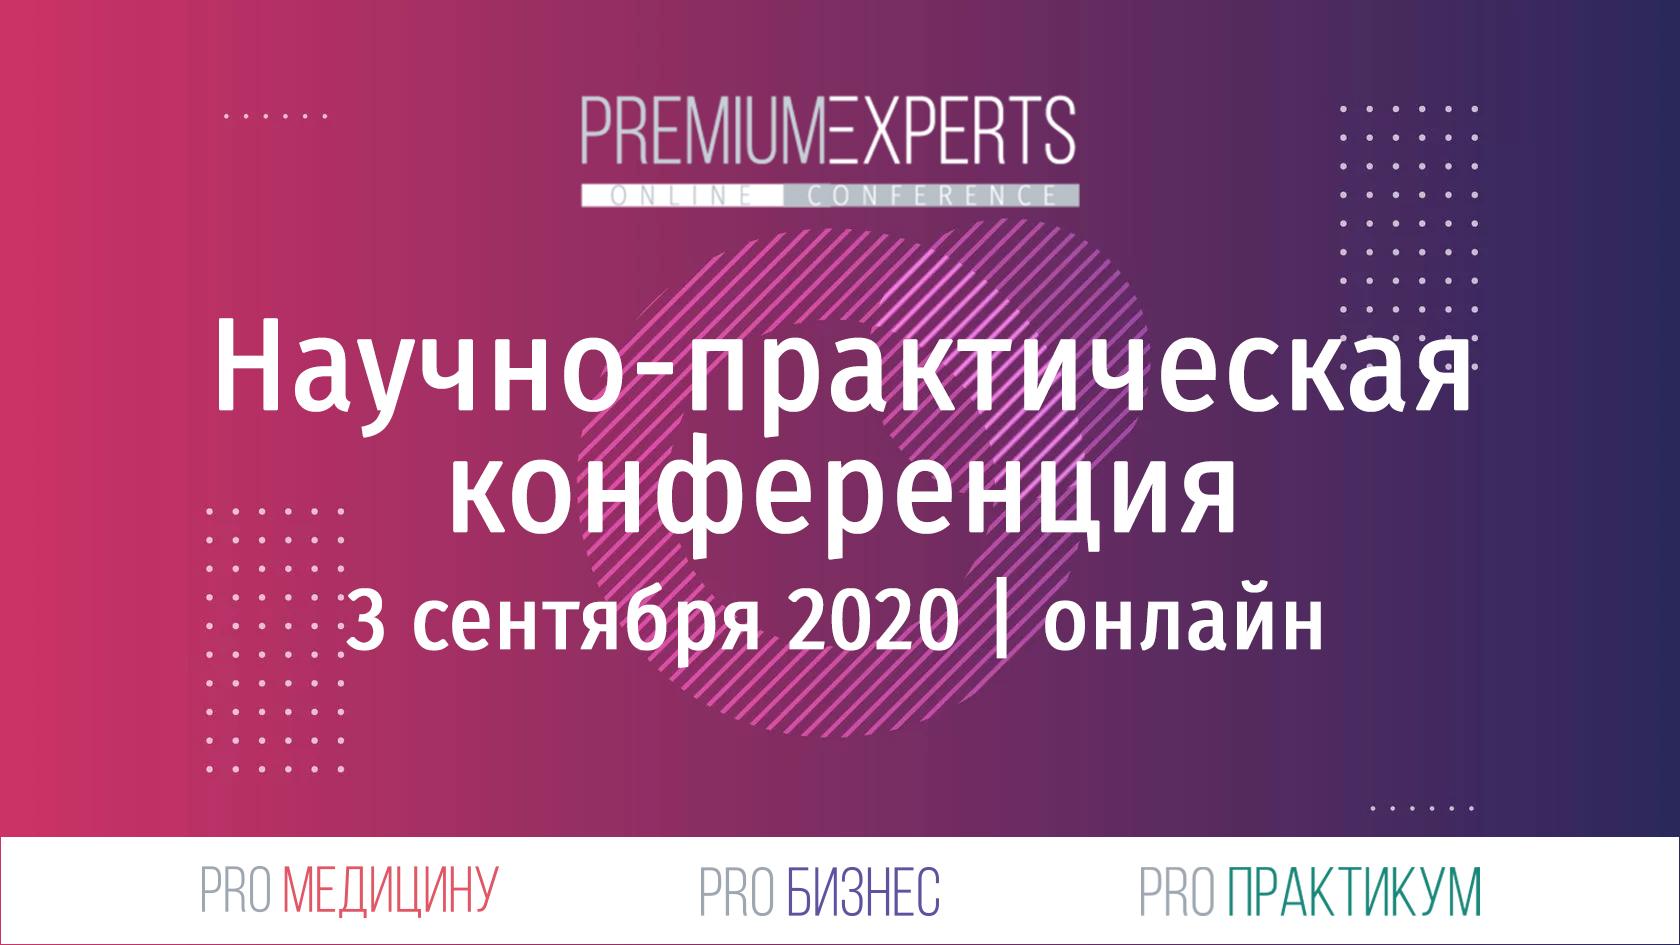 Первая научно-практическая конференция Premium Experts